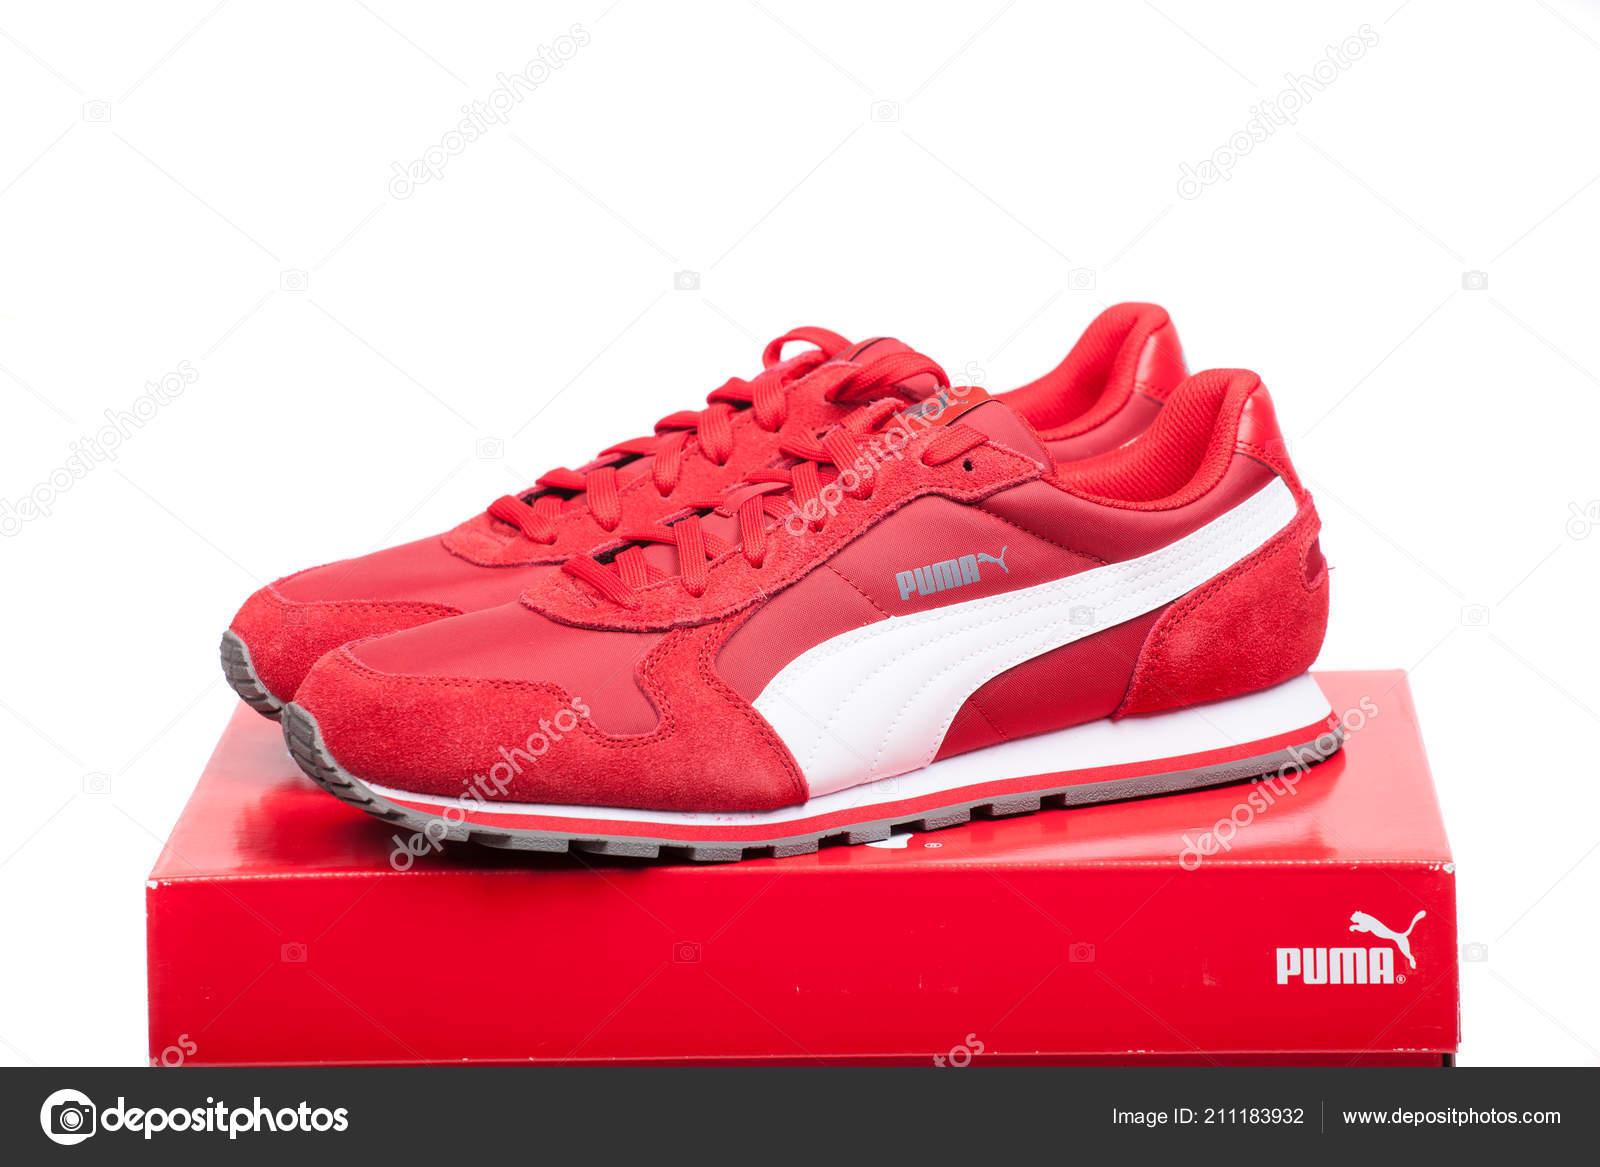 Del Varna Zapatos Puma Bulgaria Roja 2017 Rojo Junio Caja wvqCS